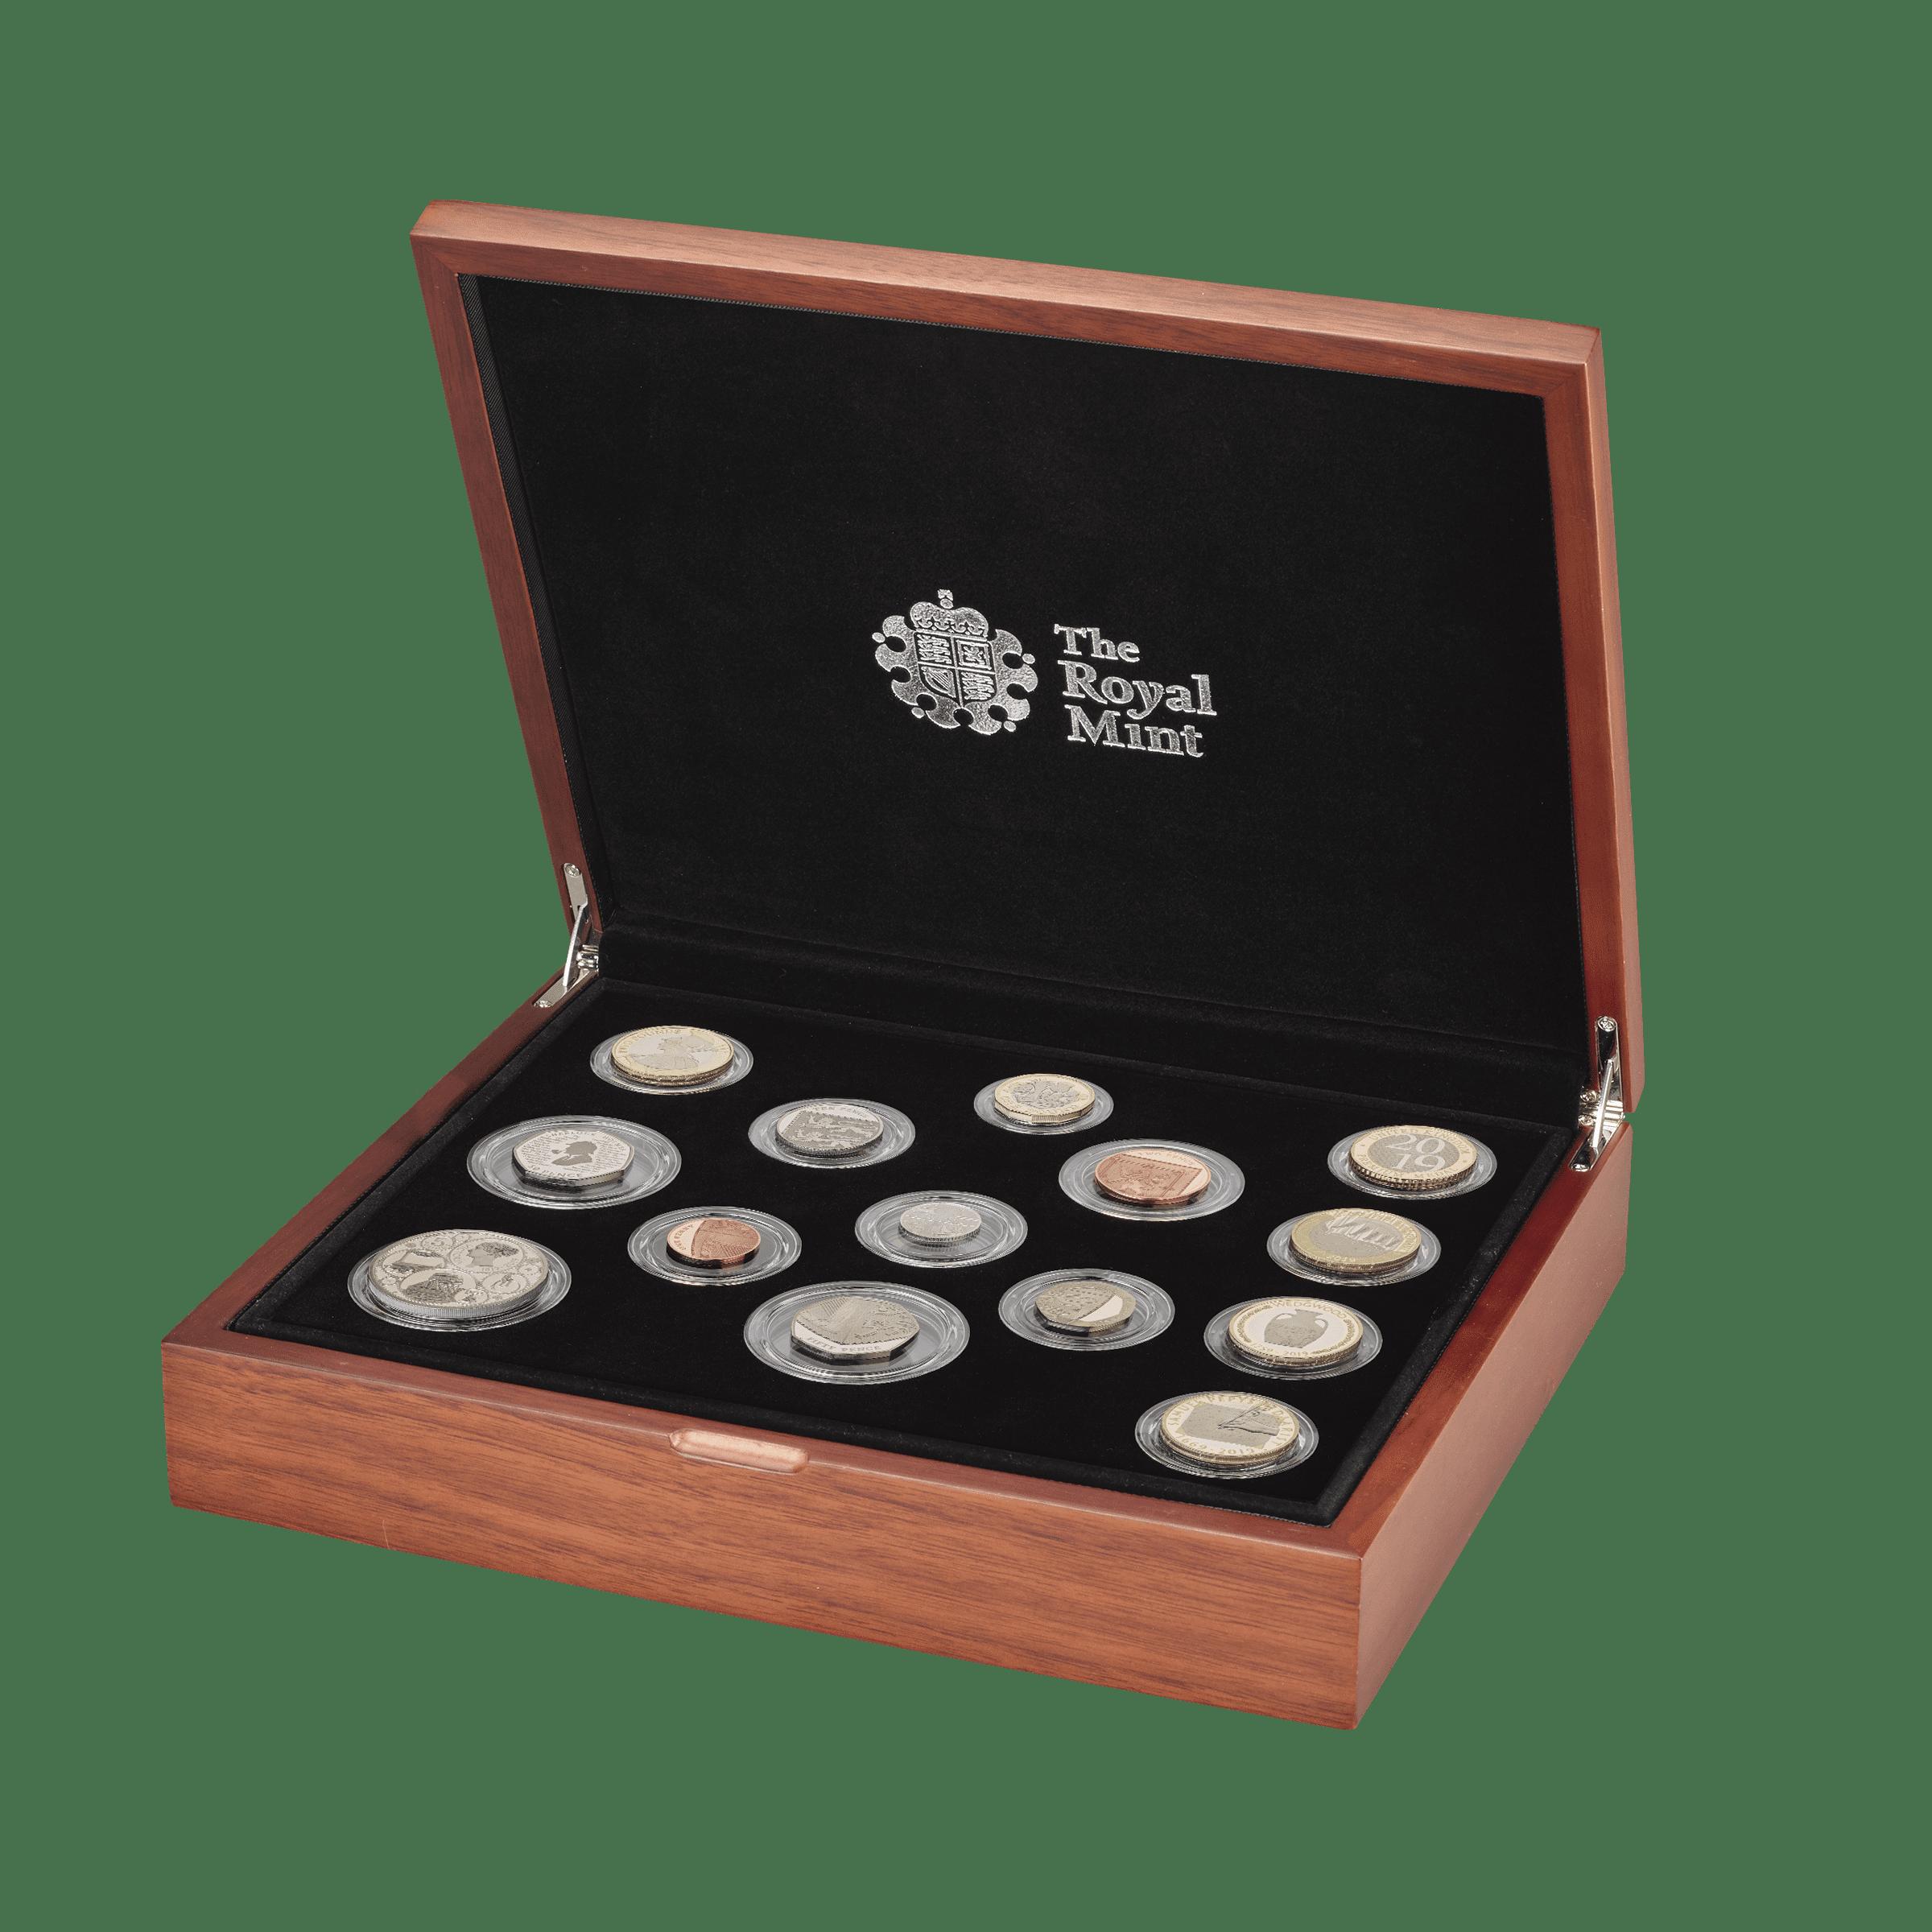 2019 coin set